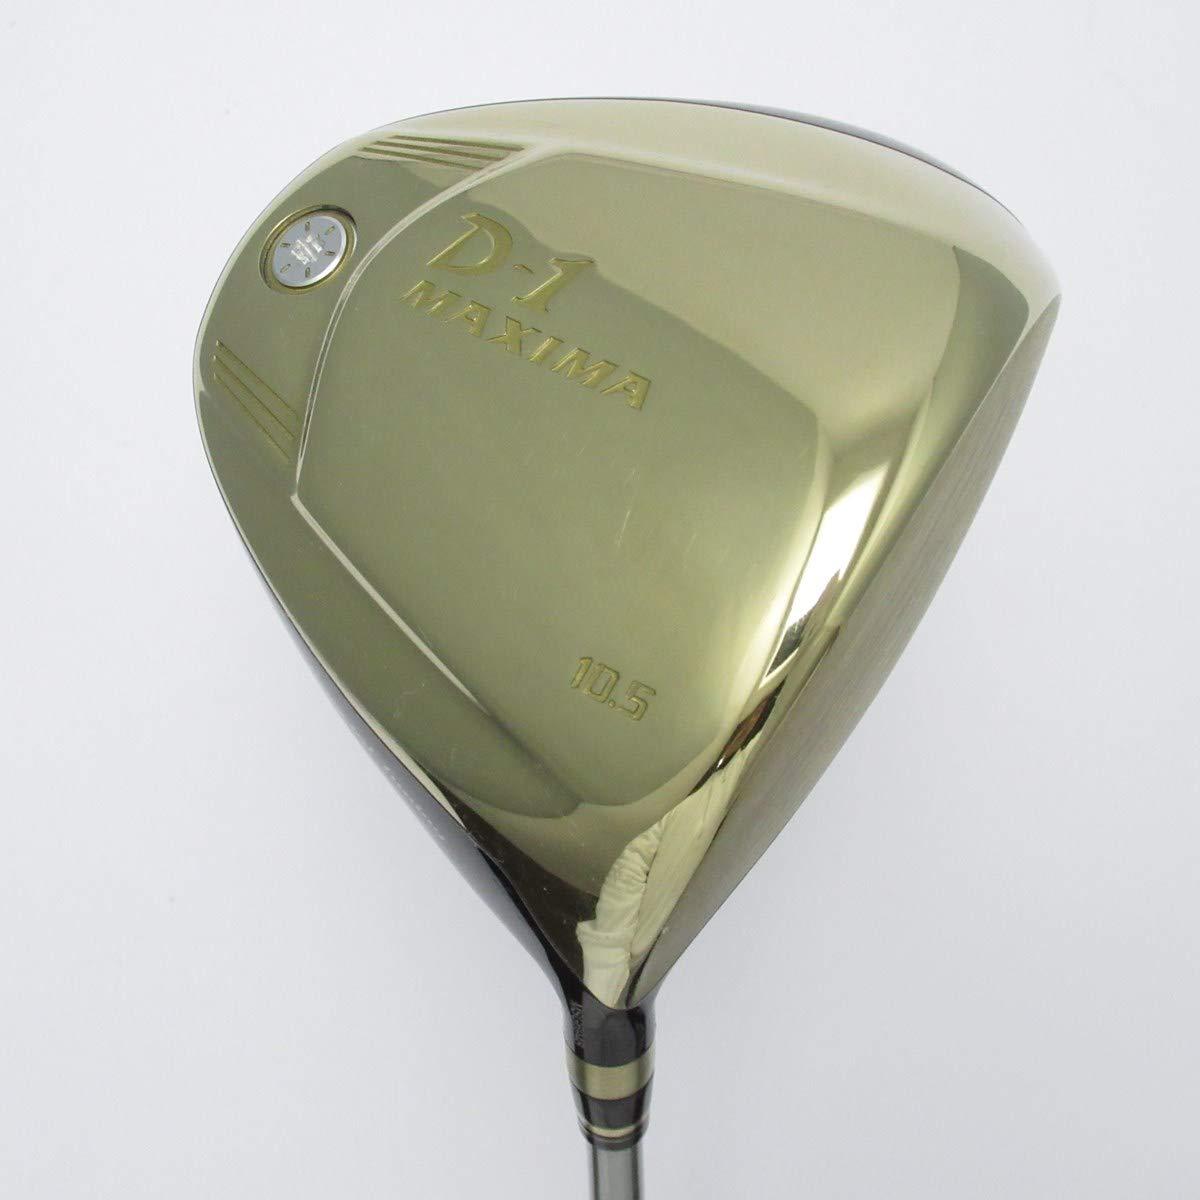 【中古】リョーマ ゴルフ RYOMA GOLF Ryoma D-1マキシマスペシャルチューニング(メーカー公認中古) ゴールド ドライバー Tour AD MX-G 【ルール非適合】 B07MZWT2KF  R